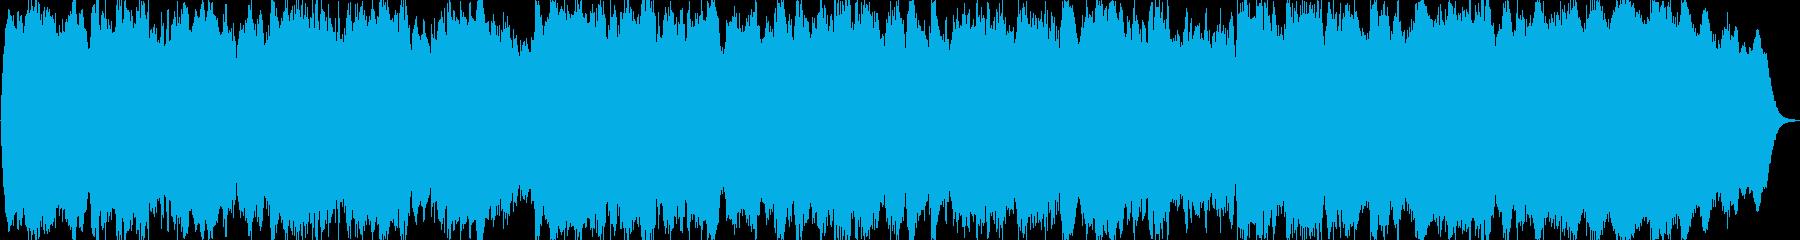 パイプオルガンの荘厳な曲ですの再生済みの波形